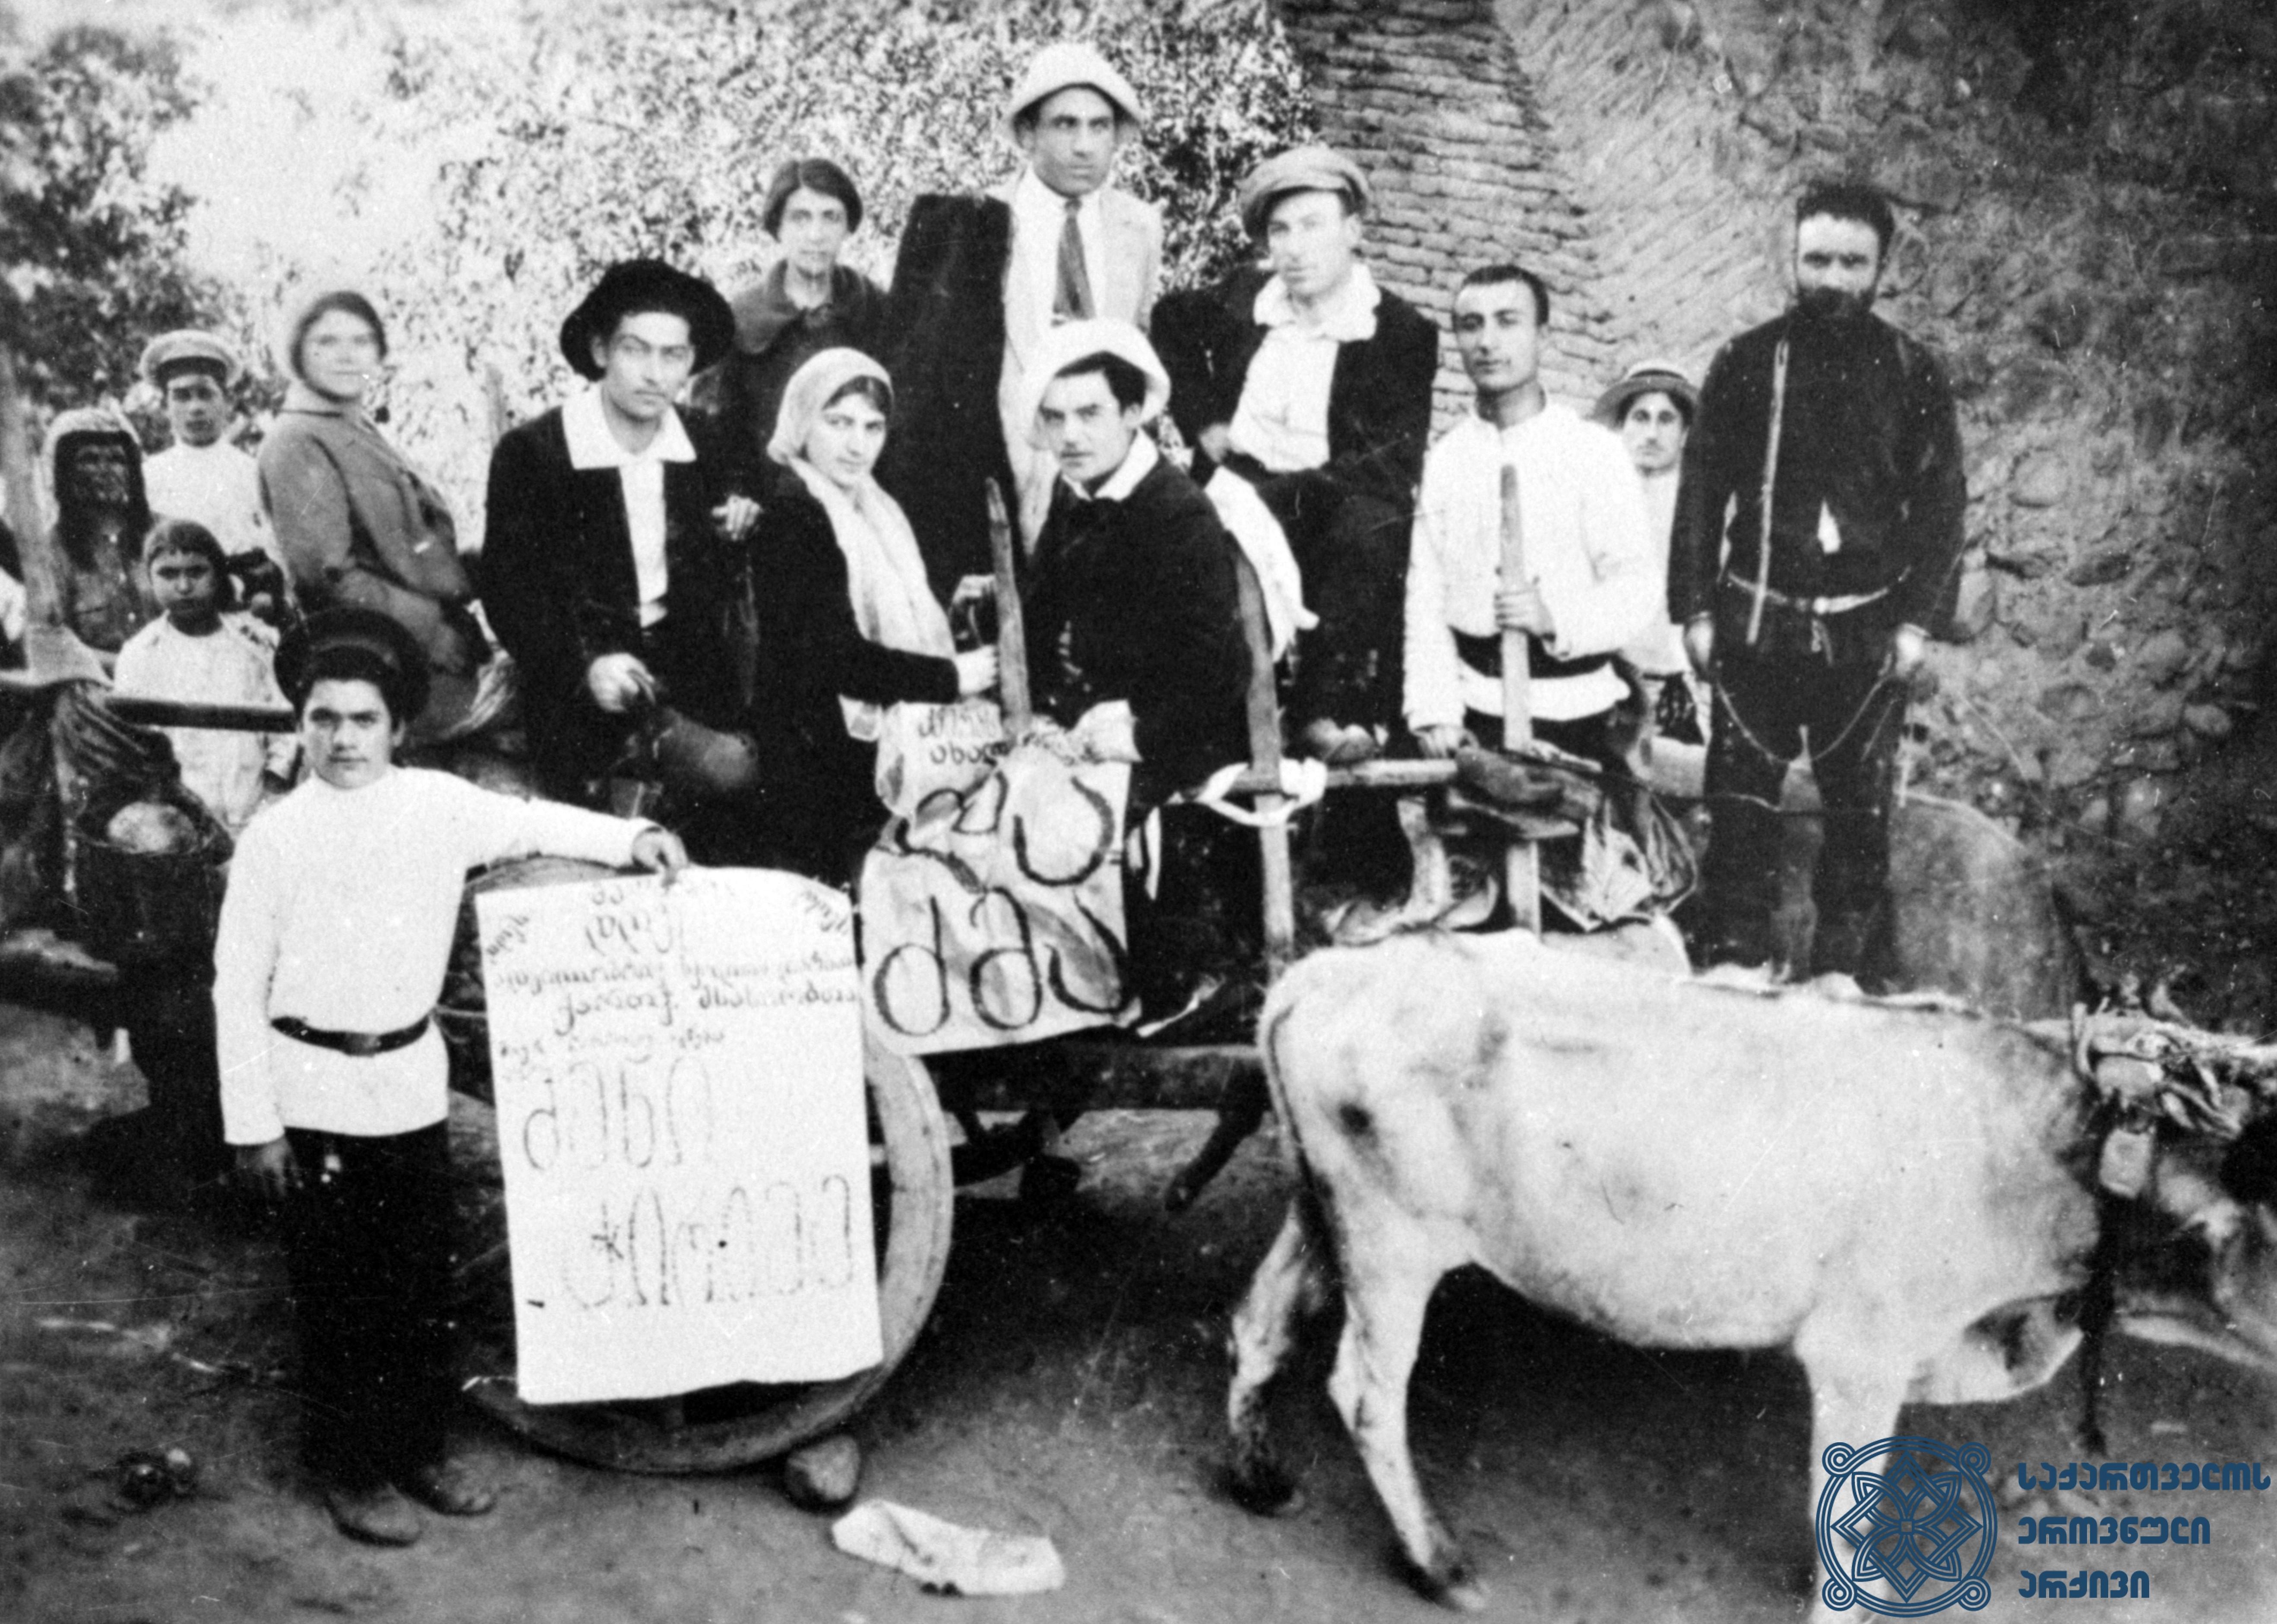 ნ. გვარაძის მოძრავი თეატრალური დასი სიღნაღის მაზრაში ურმით მოგზაურობის დროს. 1914 წელი.<br> N. Gvaradze's moving theatrical troupe while traveling by Bullock cart in Sighnaghi Uyezd. 1914.